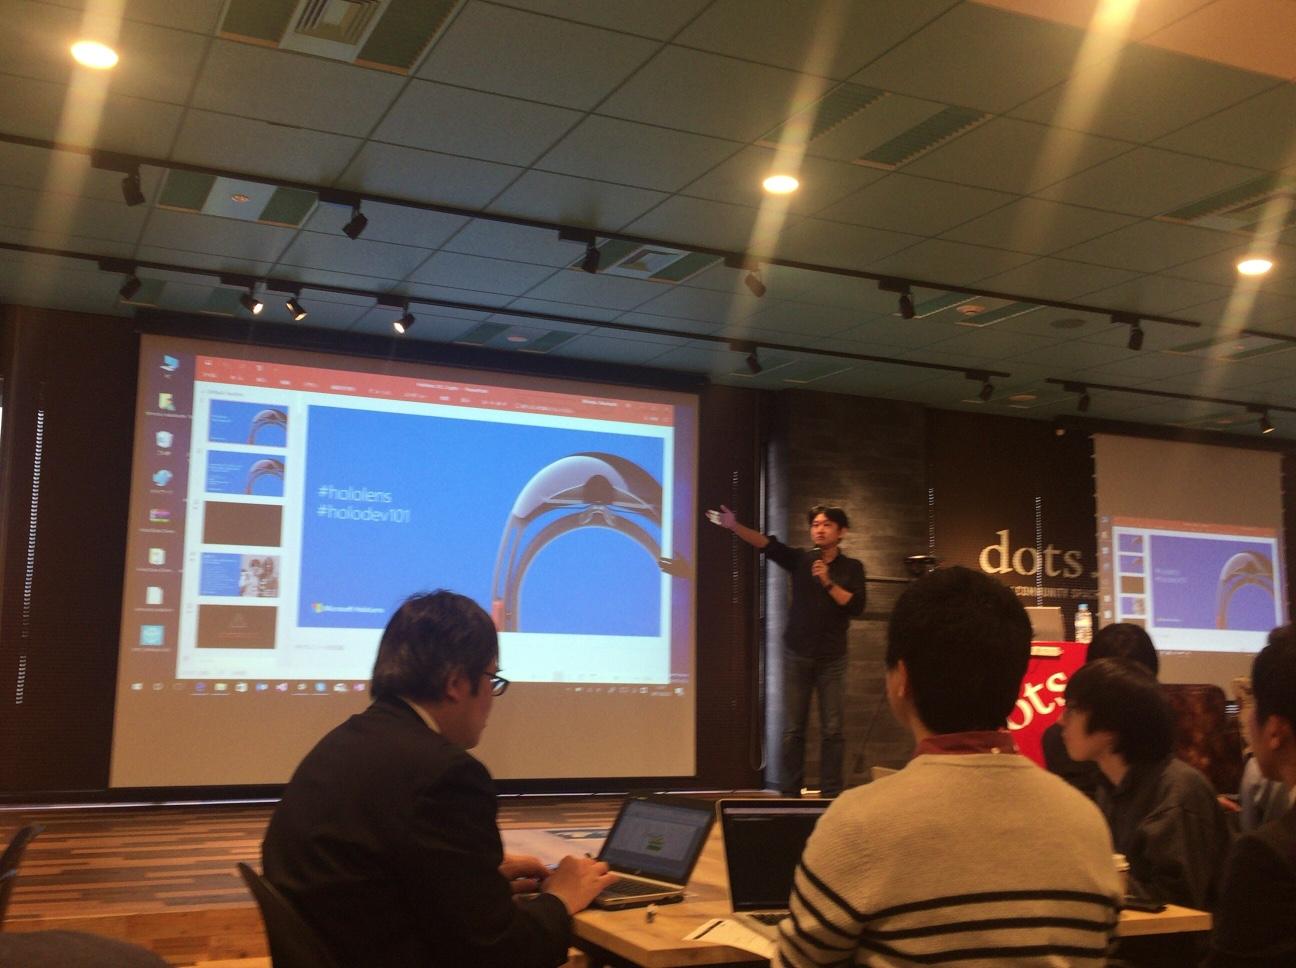 開発者向け HoloLens概要セミナー講演の様子